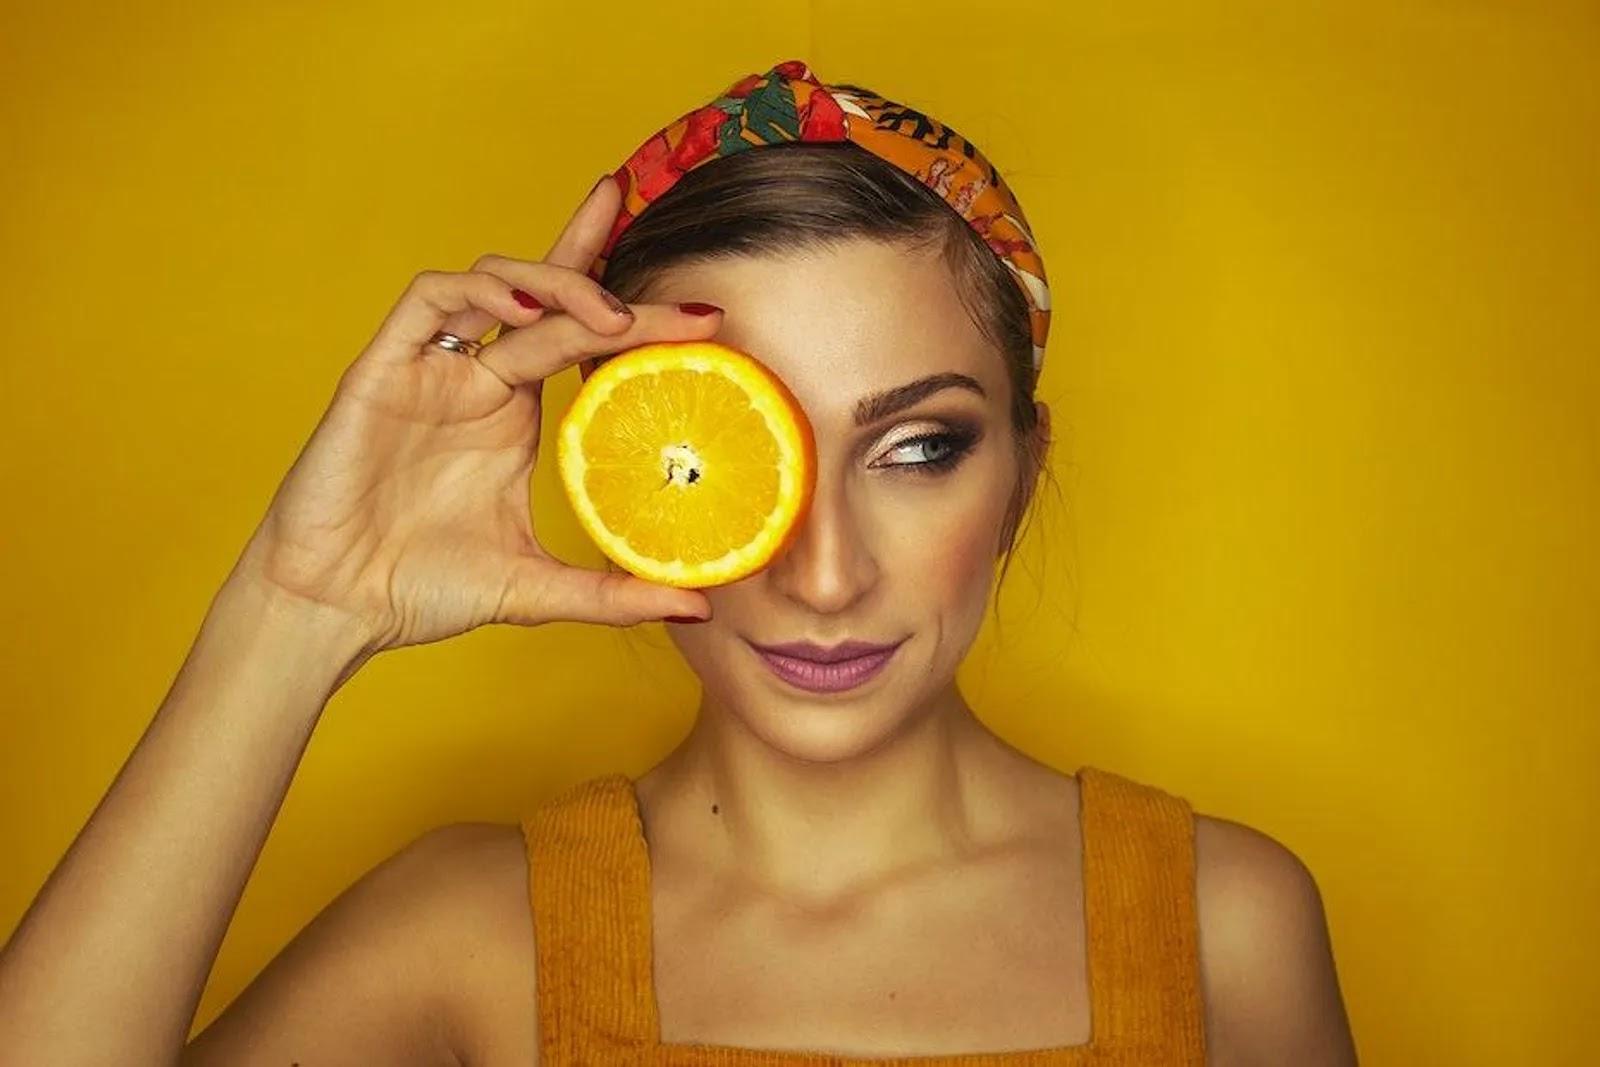 vitamini-minerali-zaštita-bolesti-zdrava-prehrana-dodaci-suplementi-žensko-zdravlje